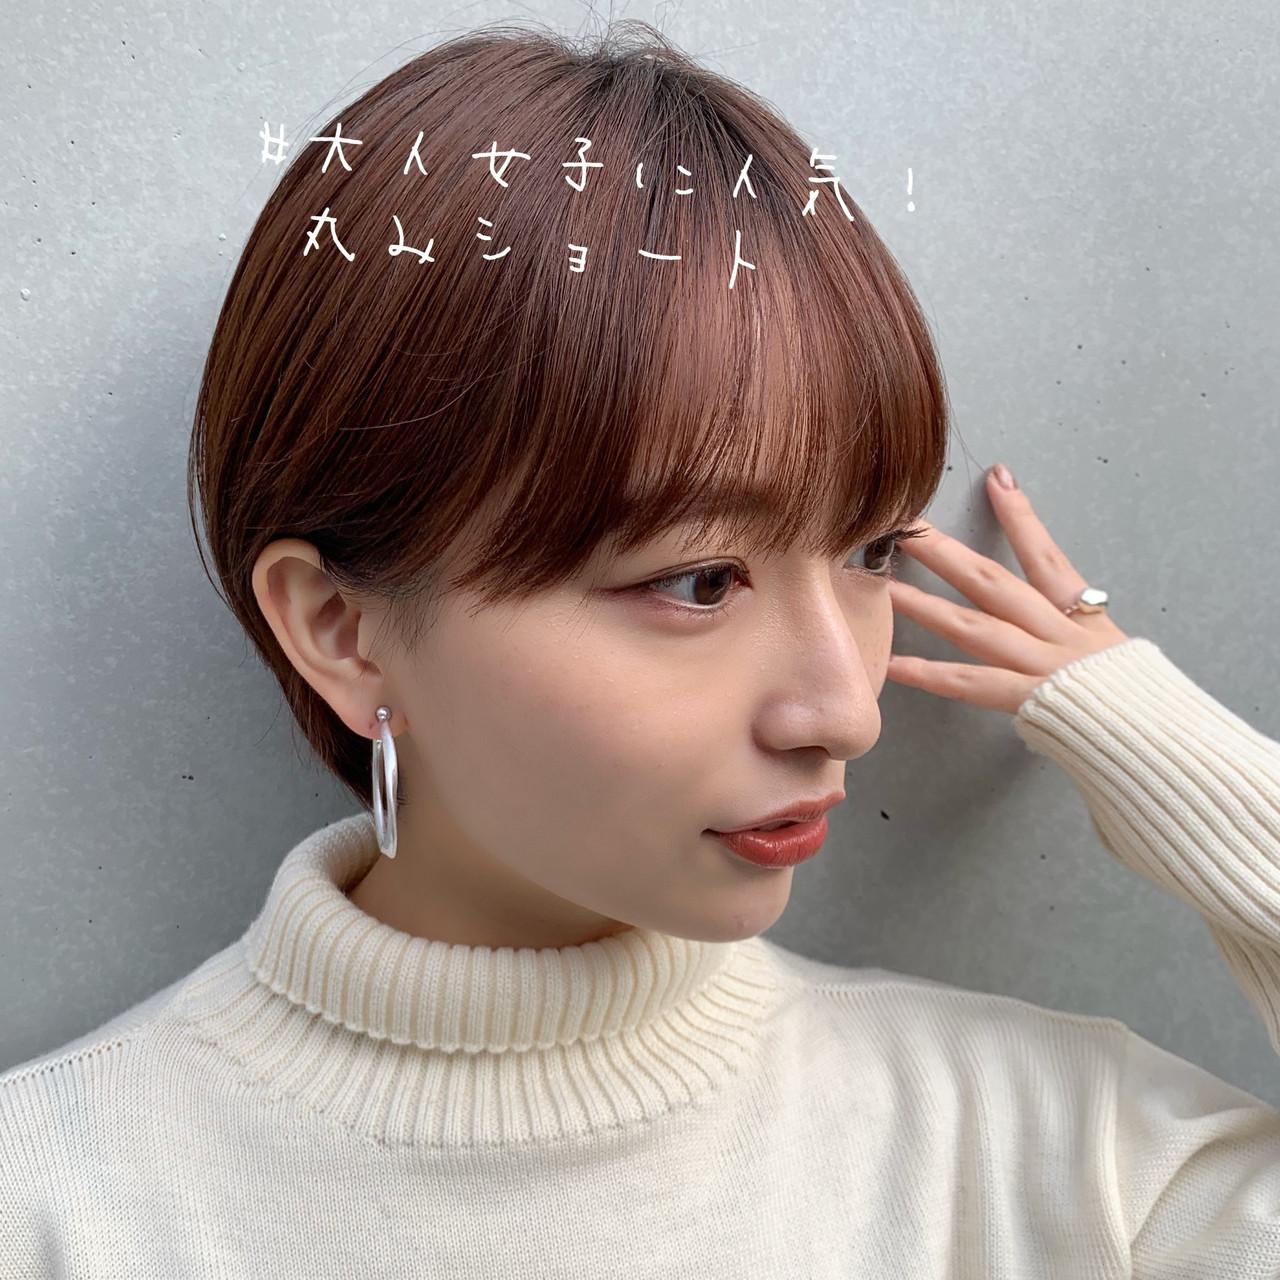 ショートボブ 切りっぱなしボブ ナチュラル ショート ヘアスタイルや髪型の写真・画像 | Natsuko Kodama 児玉奈都子 / dydi